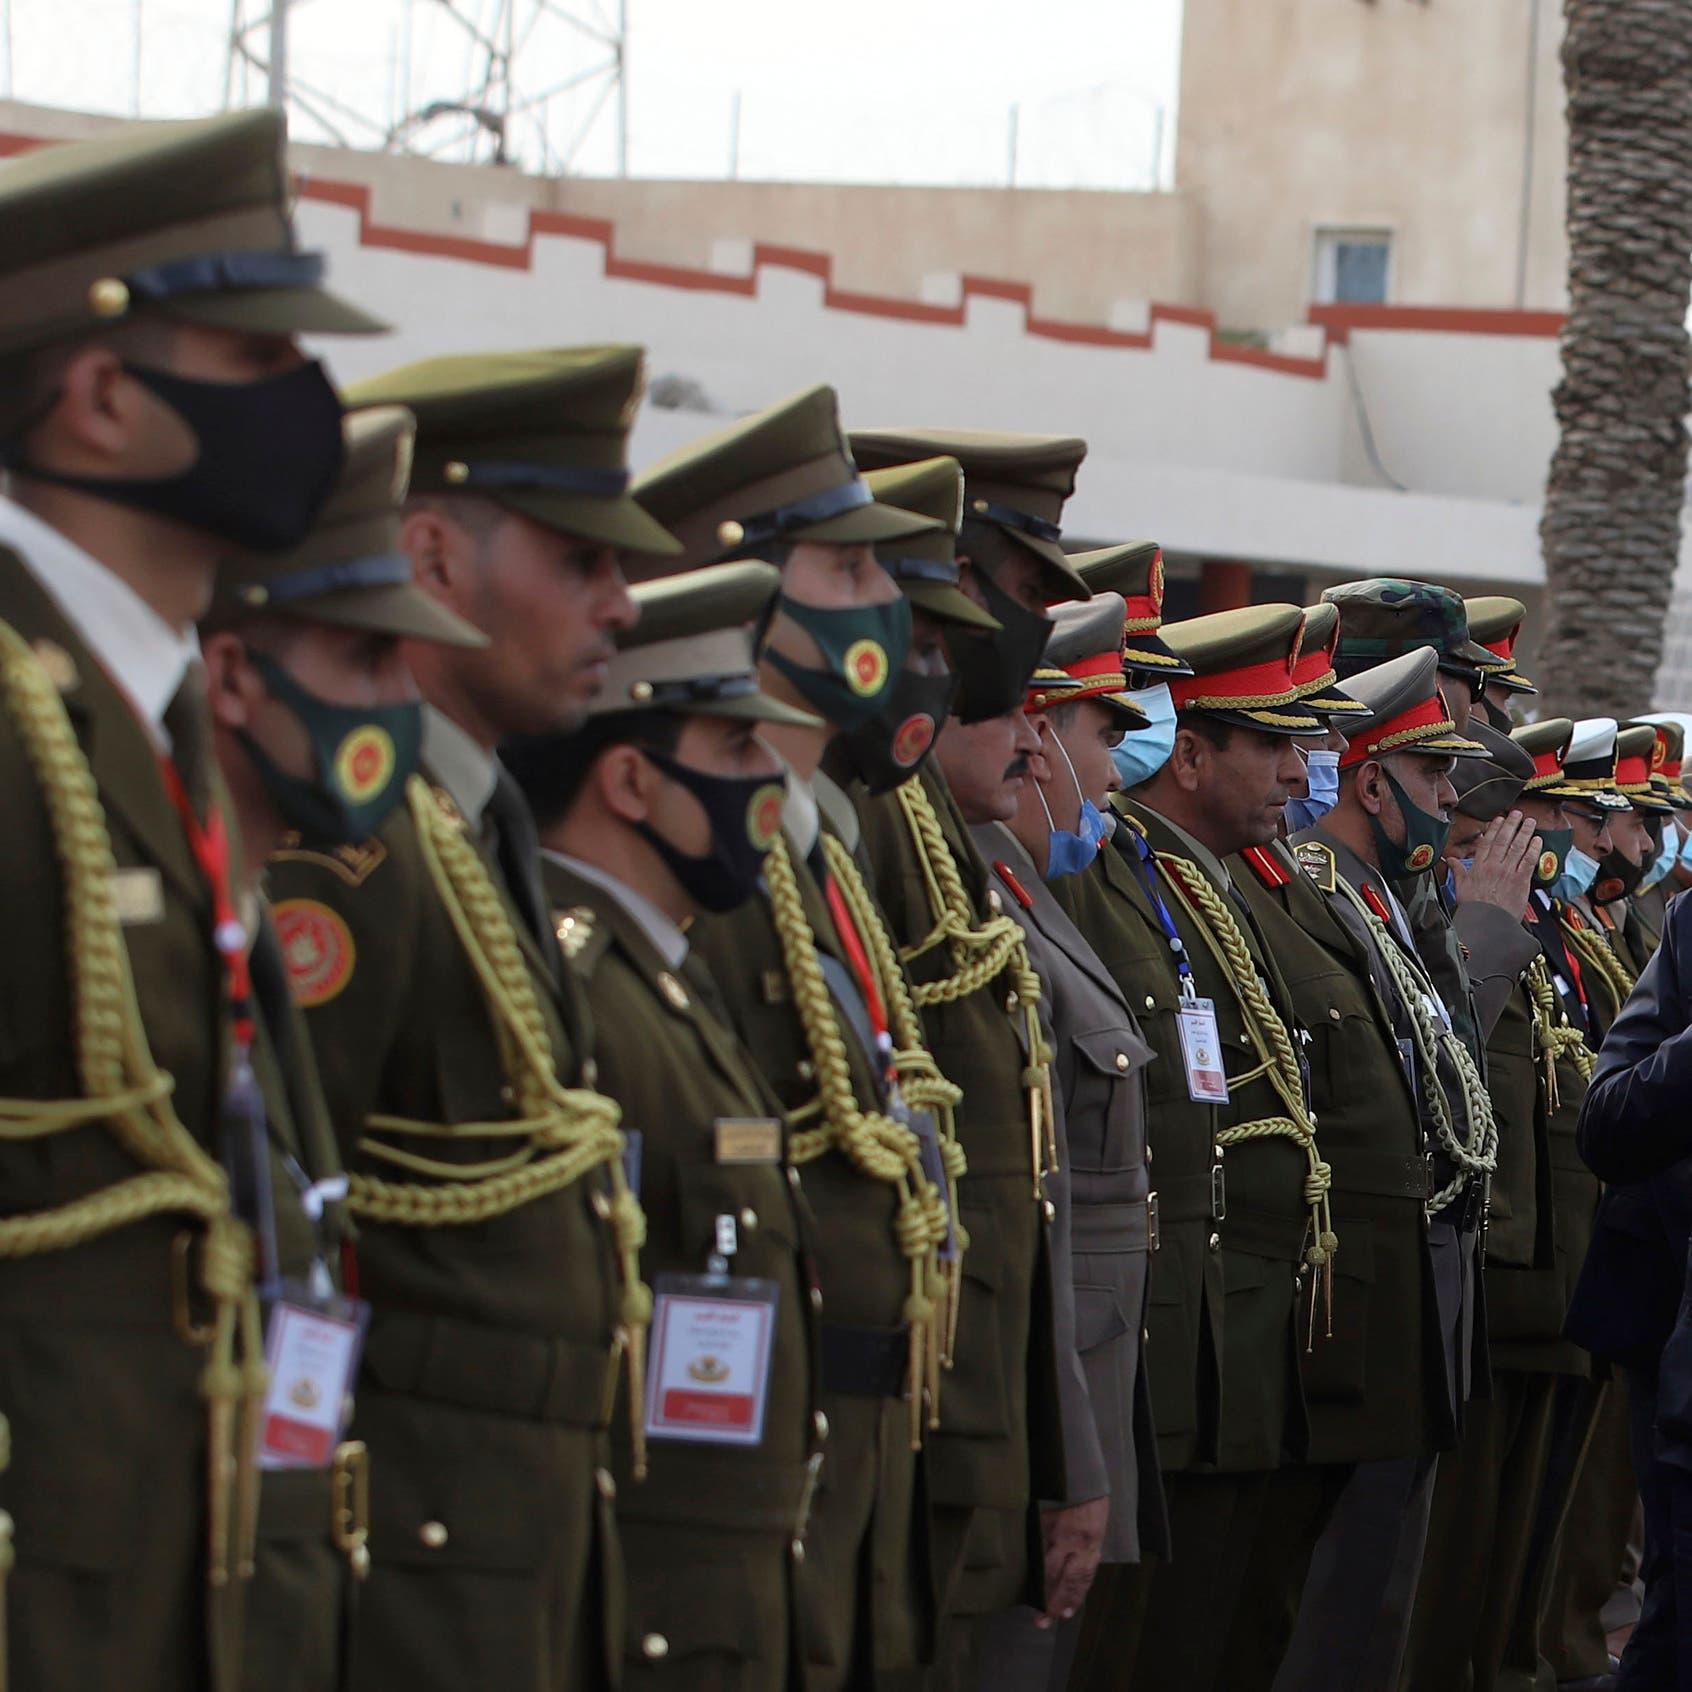 دون علم سلطات ليبيا.. وزير دفاع تركيا يحط في معيتيقة